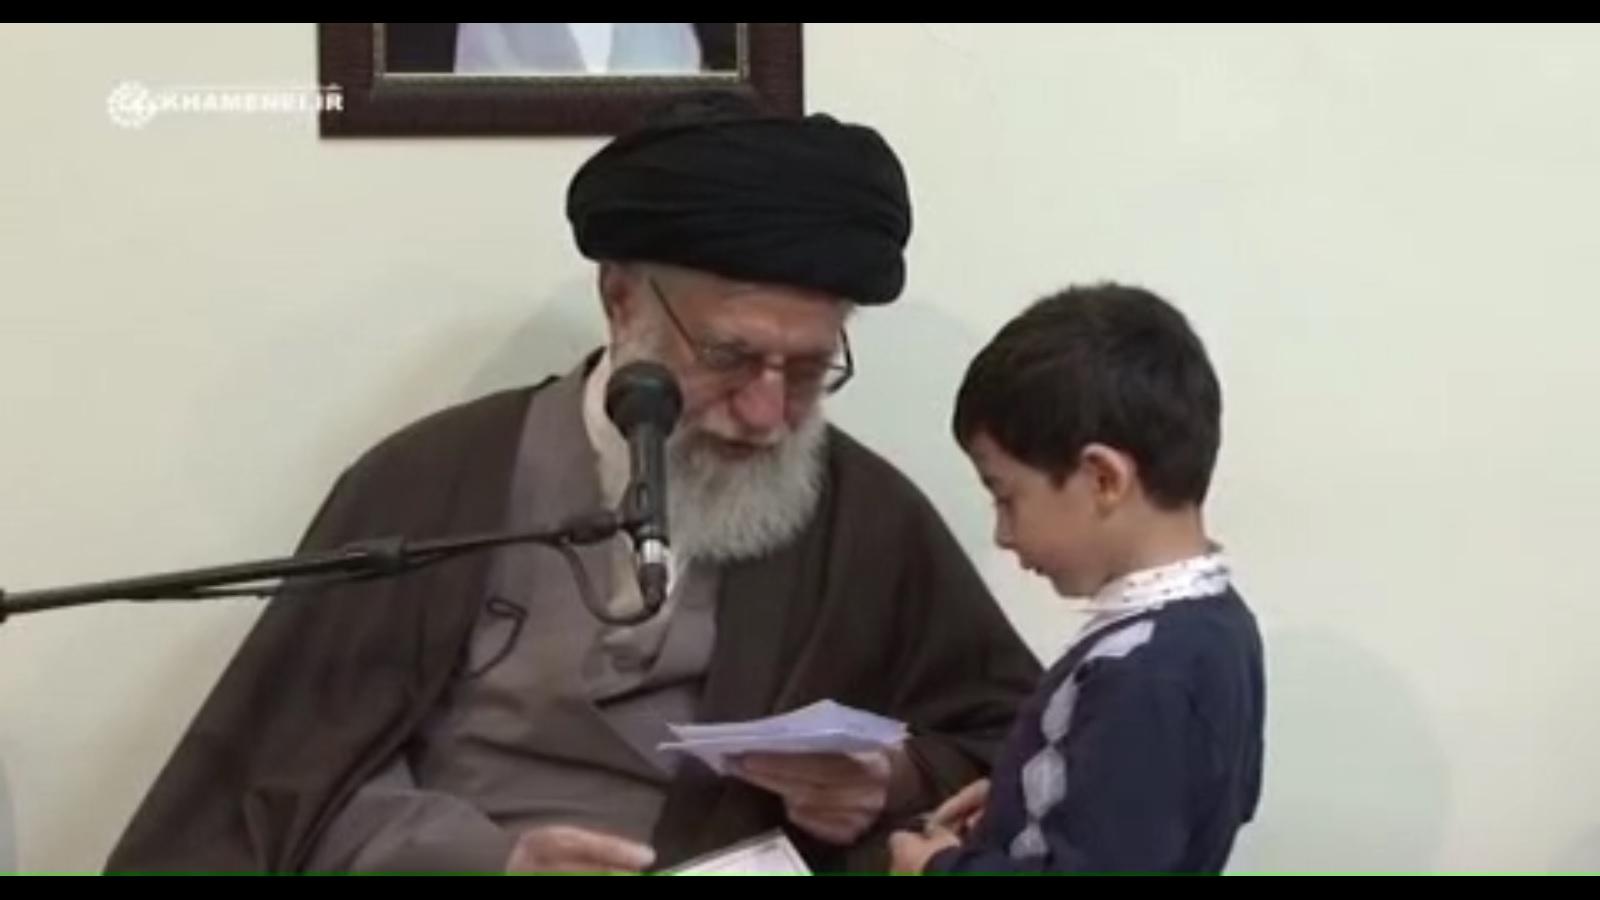 فیلم/ گفتگوی جالب رهبرانقلاب با نوه ۵ساله شهید زندهدل/ توصیه به مادر پارسا دربارهی آموزش زبان ترکی به او